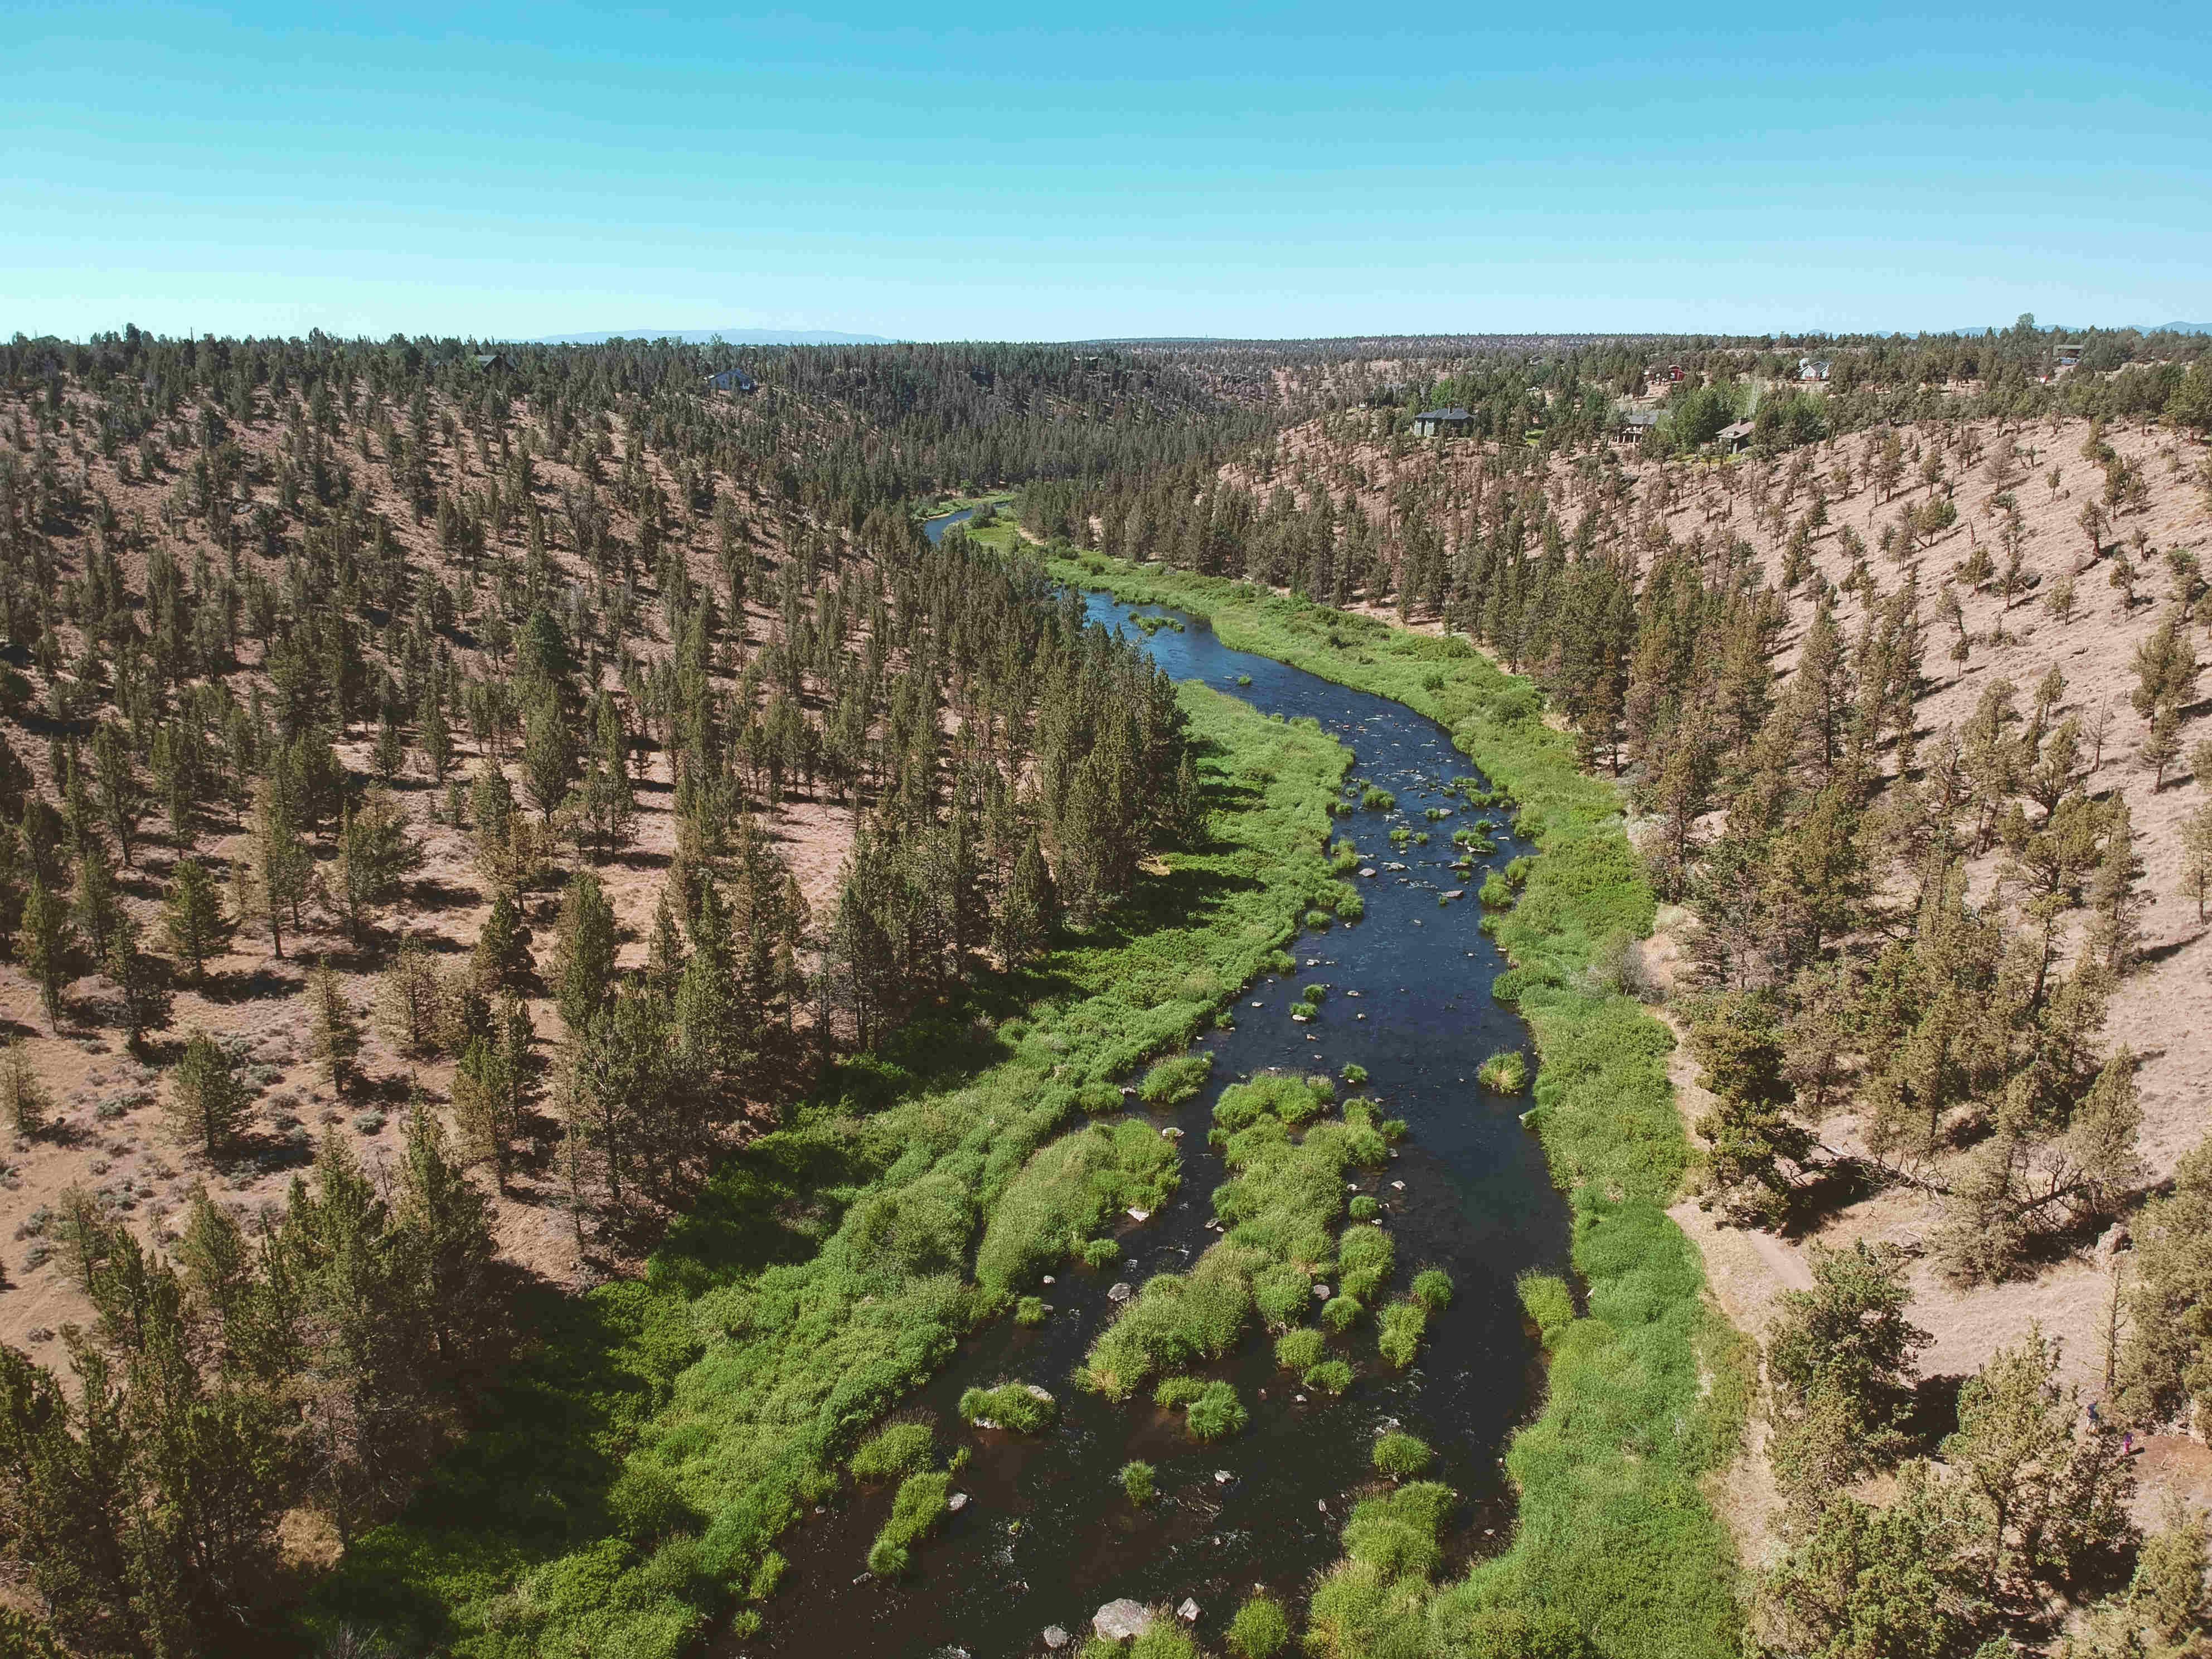 Deschuttes River